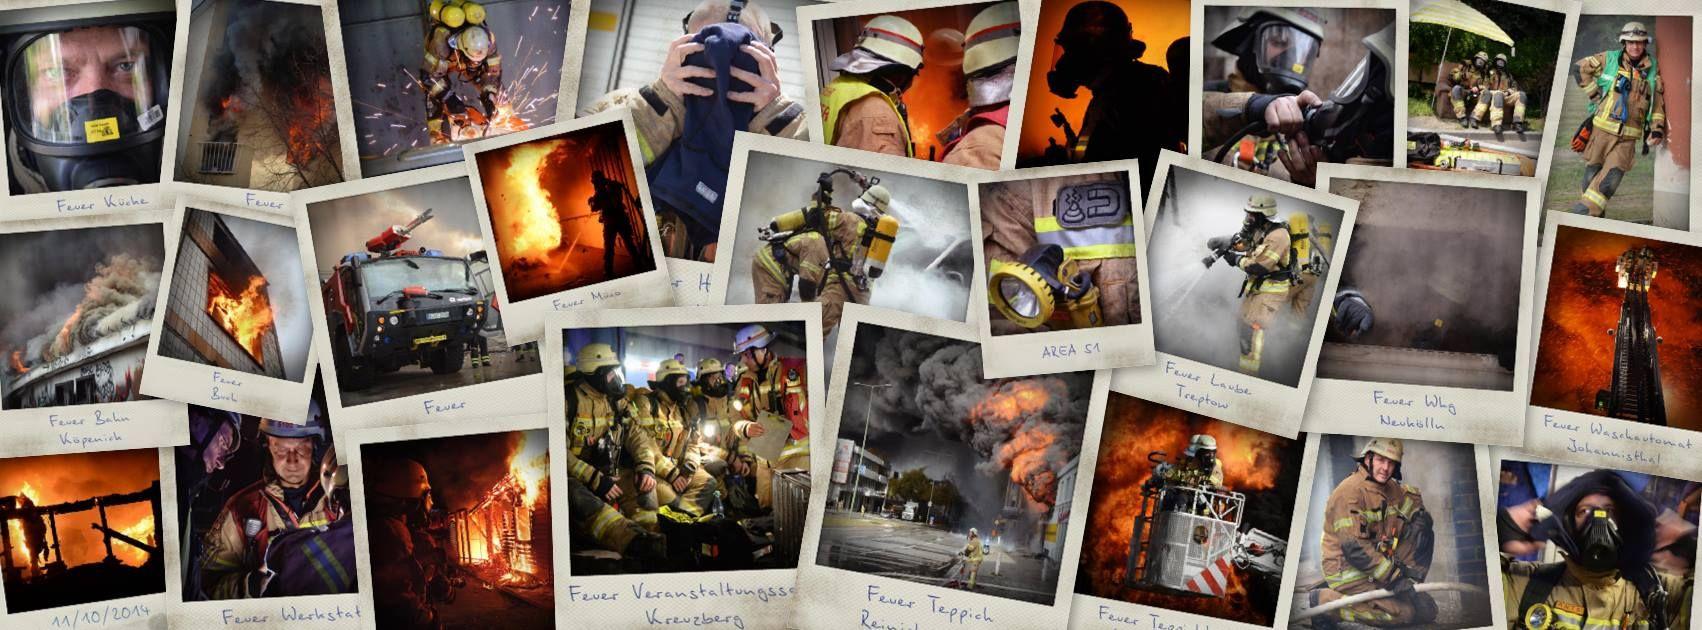 Feuerwehr Doku in Bildern | Feuerwehr Doku